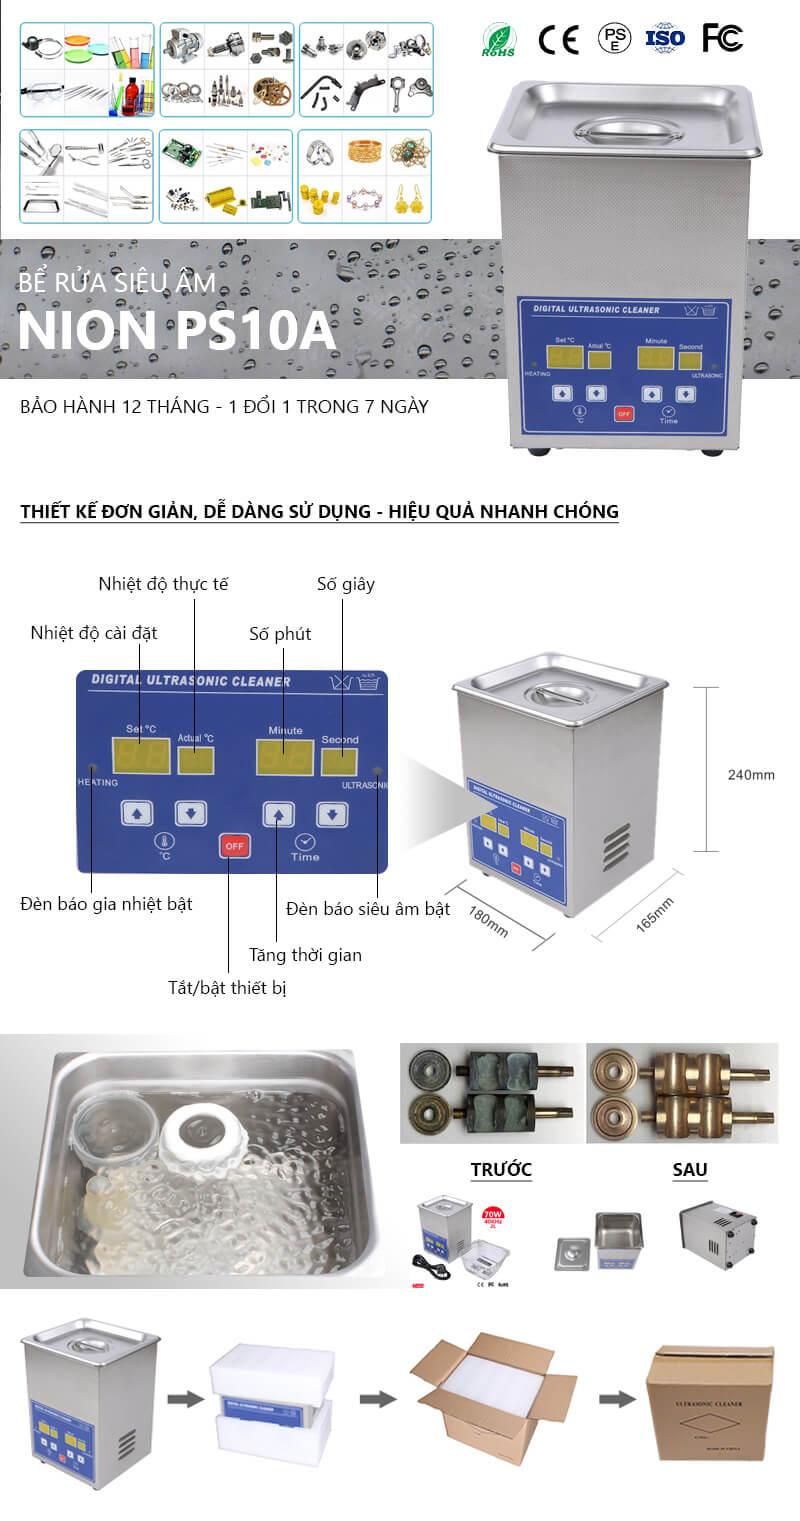 Bể rửa siêu âm Nion PS-10A chính hãng, làm sạch nhanh